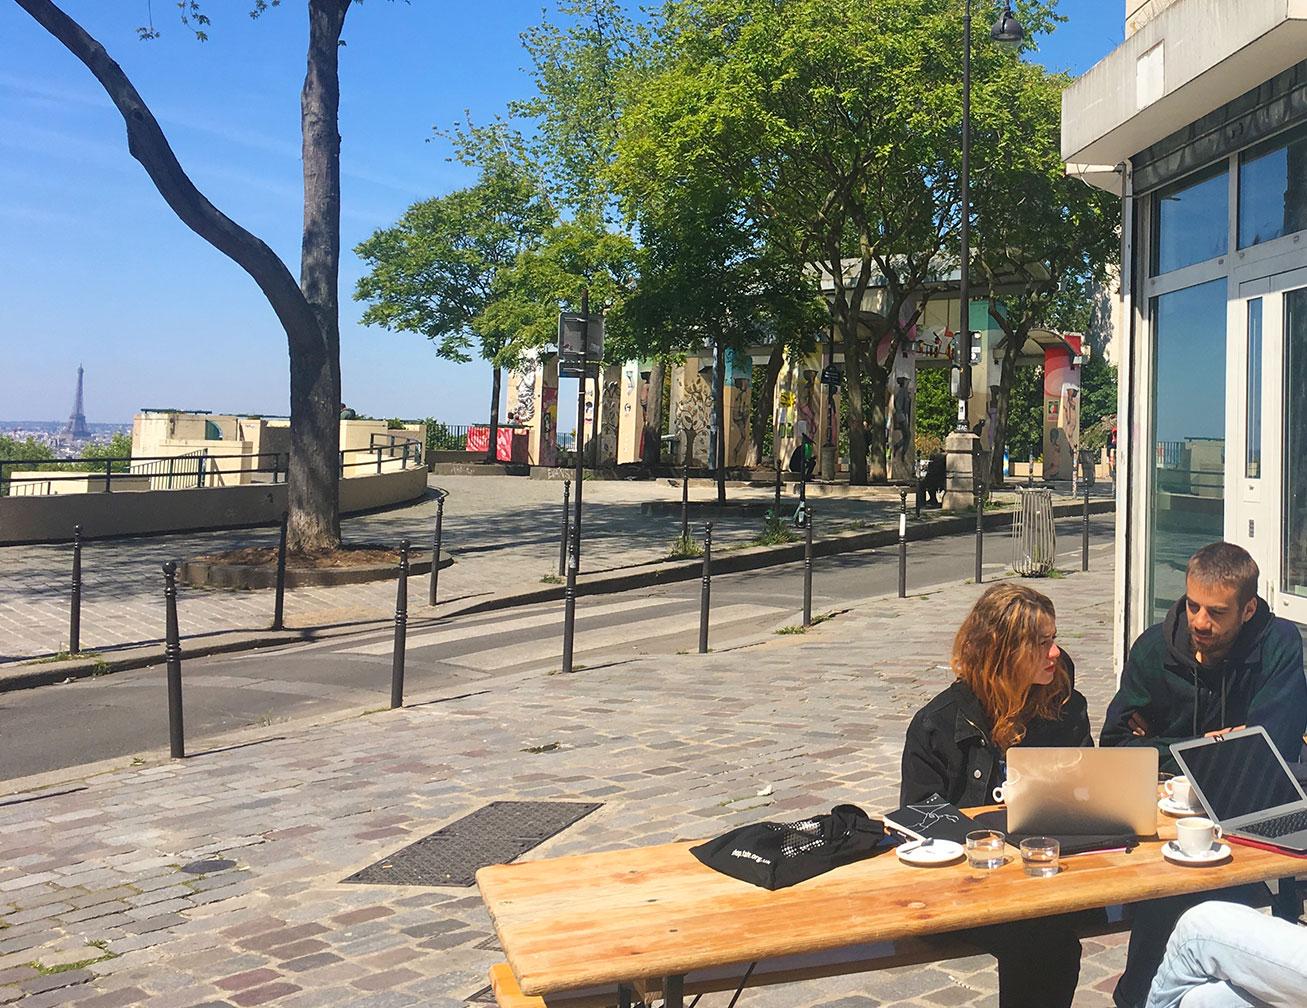 plus-beau-bureau-paris-terrasse-moncoeur-belleville